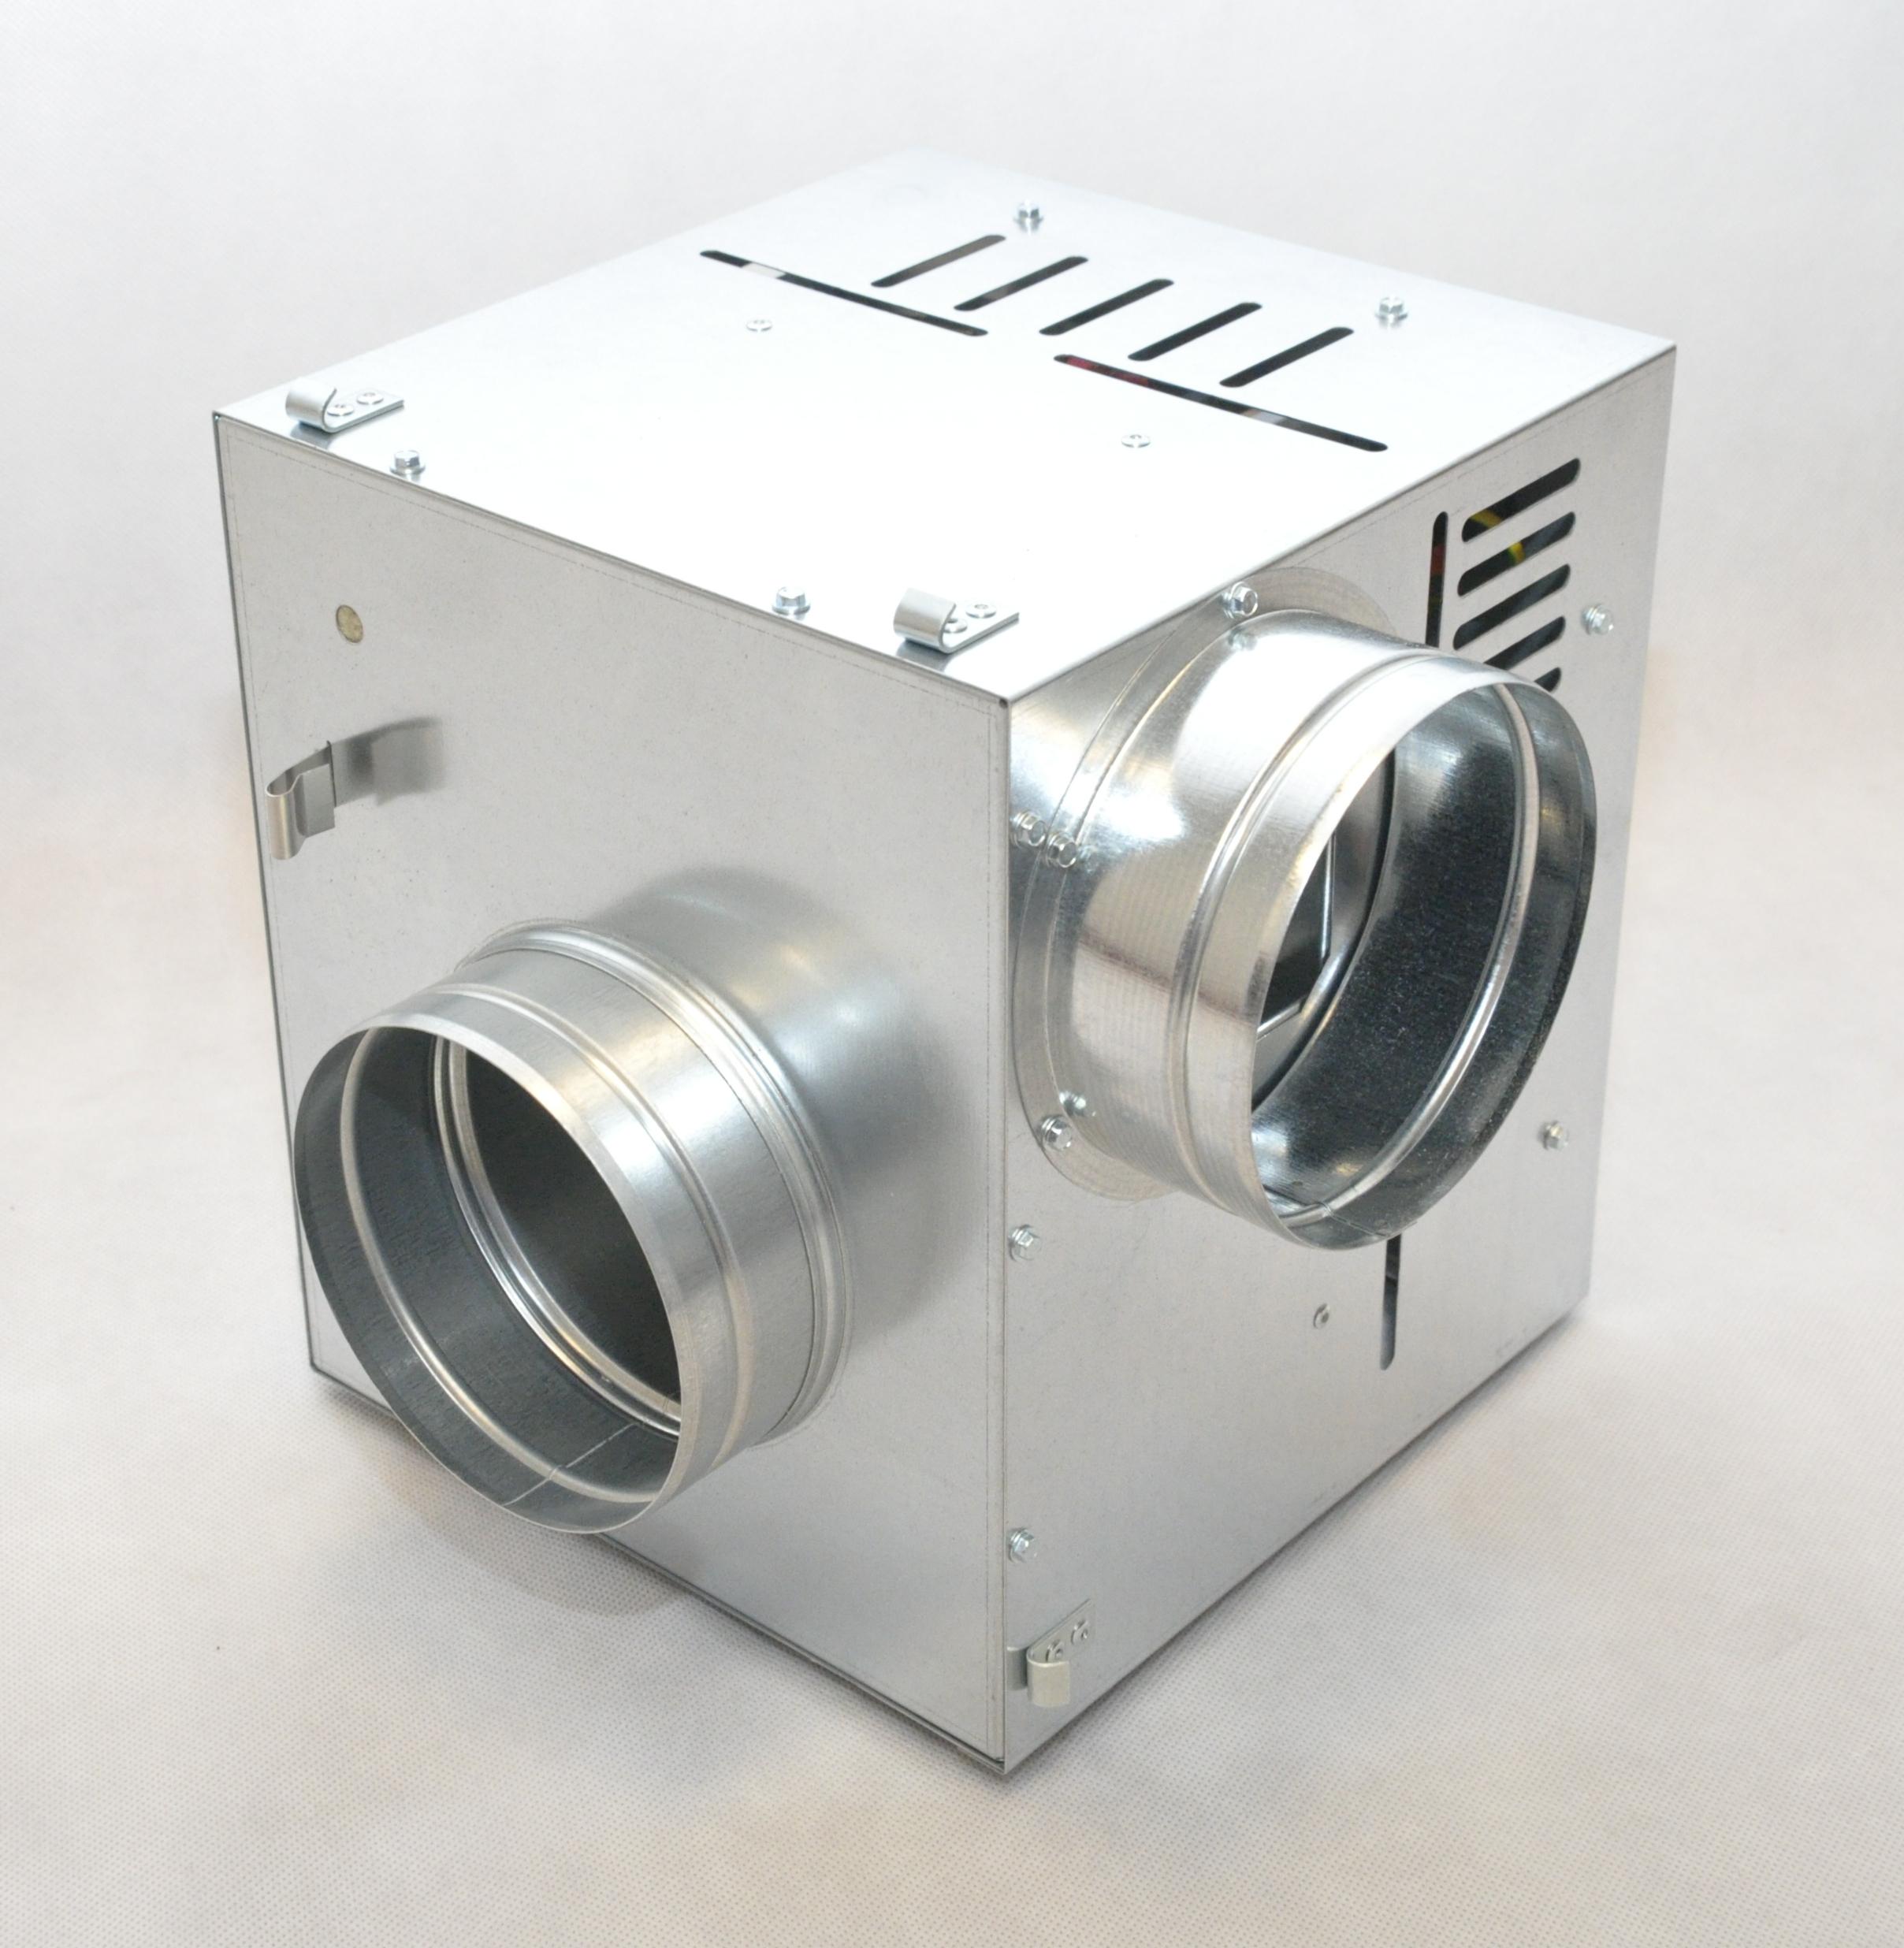 Air Chaud Ventilateur Cheminée Ventilateur Meuleuses 400 destiné Ventilateur Air Chaud Cheminée